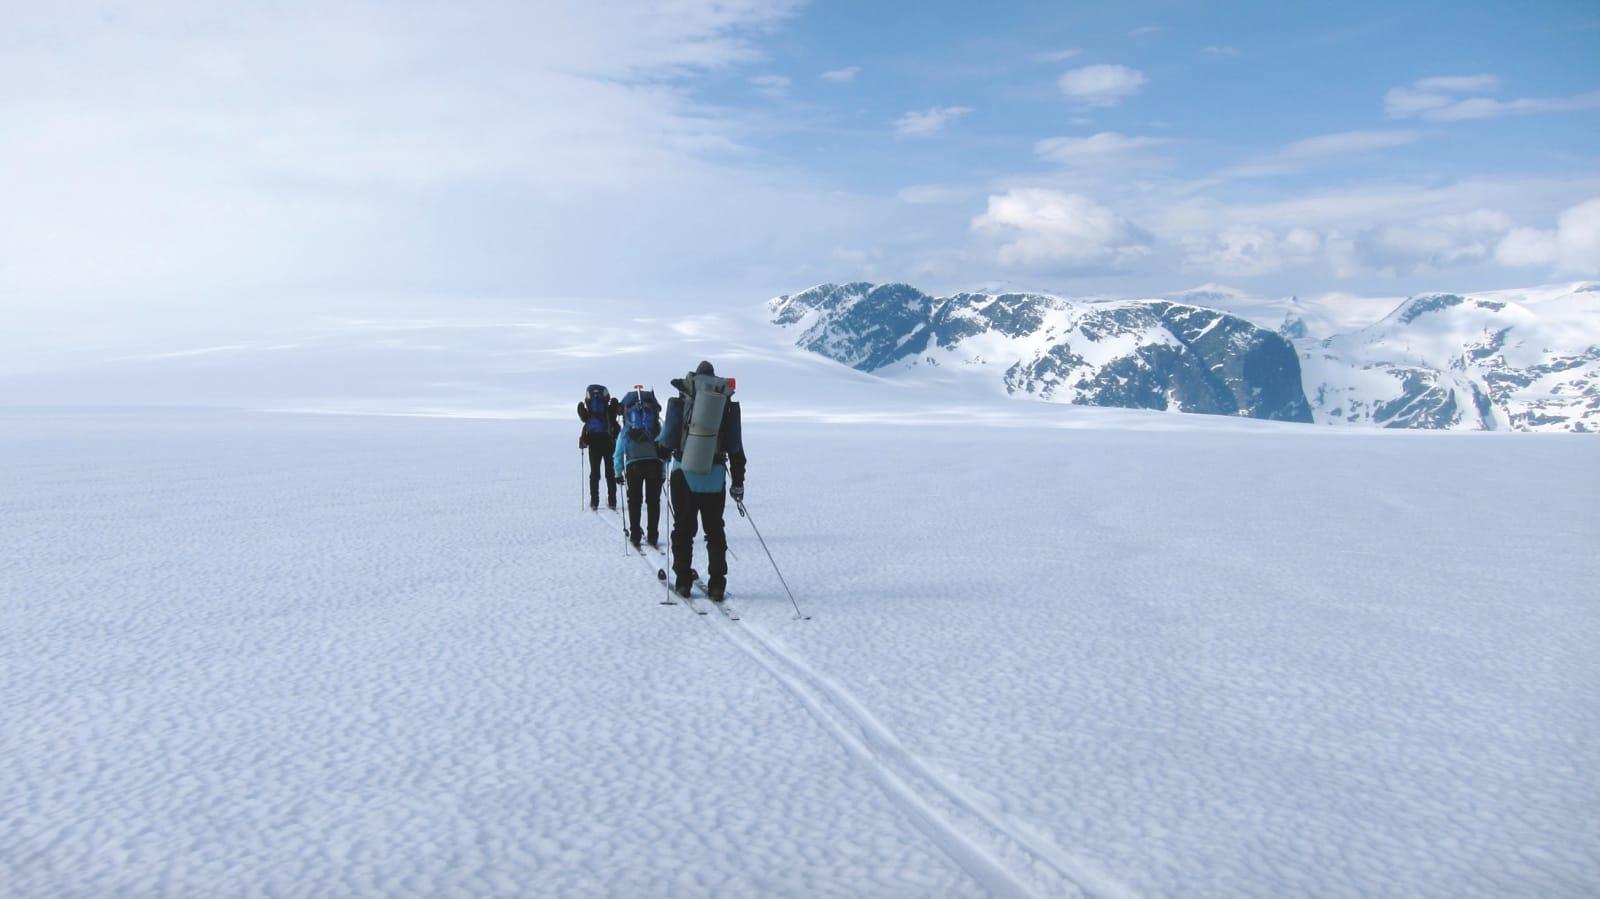 KLASSISK: Jostedalsbreen strekker seg ut fremover. Foto: Sandra L. Wangberg